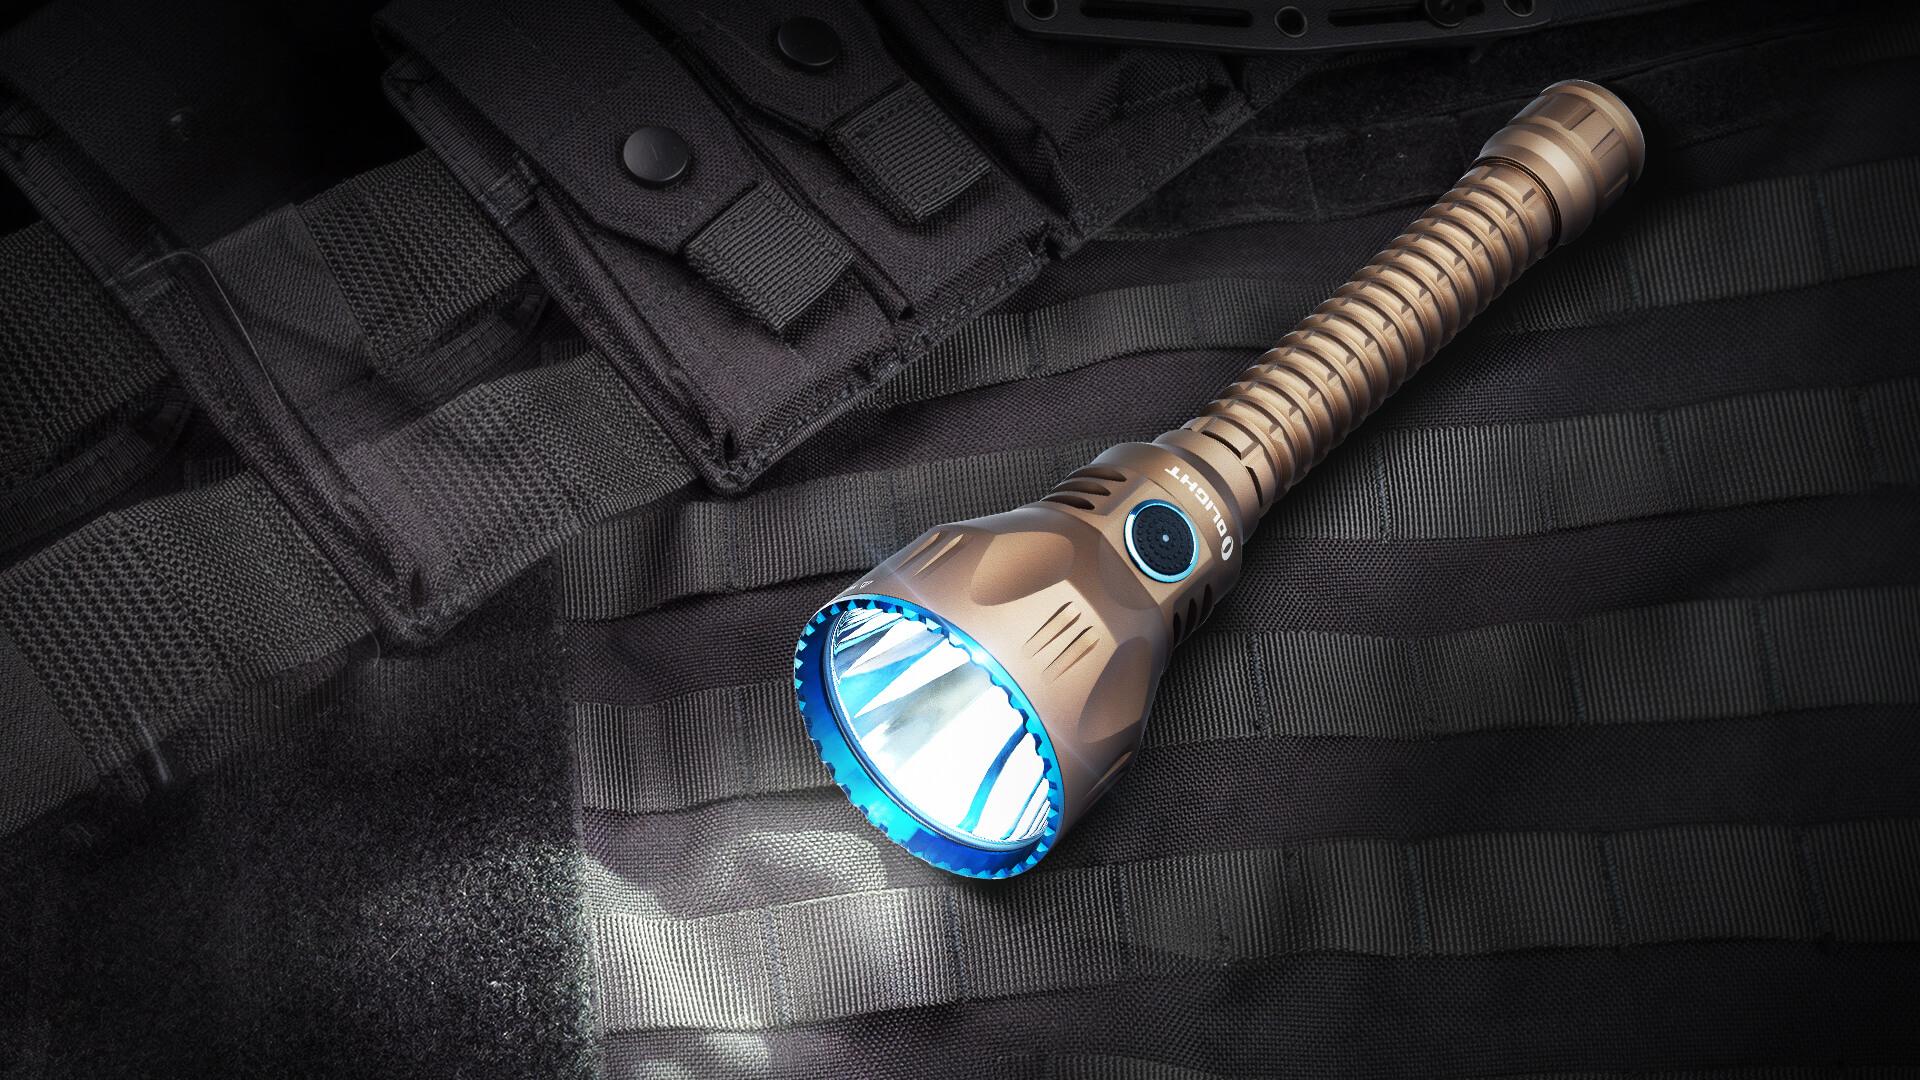 das beste Beleuchtungswerkzeug für die Jagd, die Nachsuche sowie den Such- und Rettungsdiens